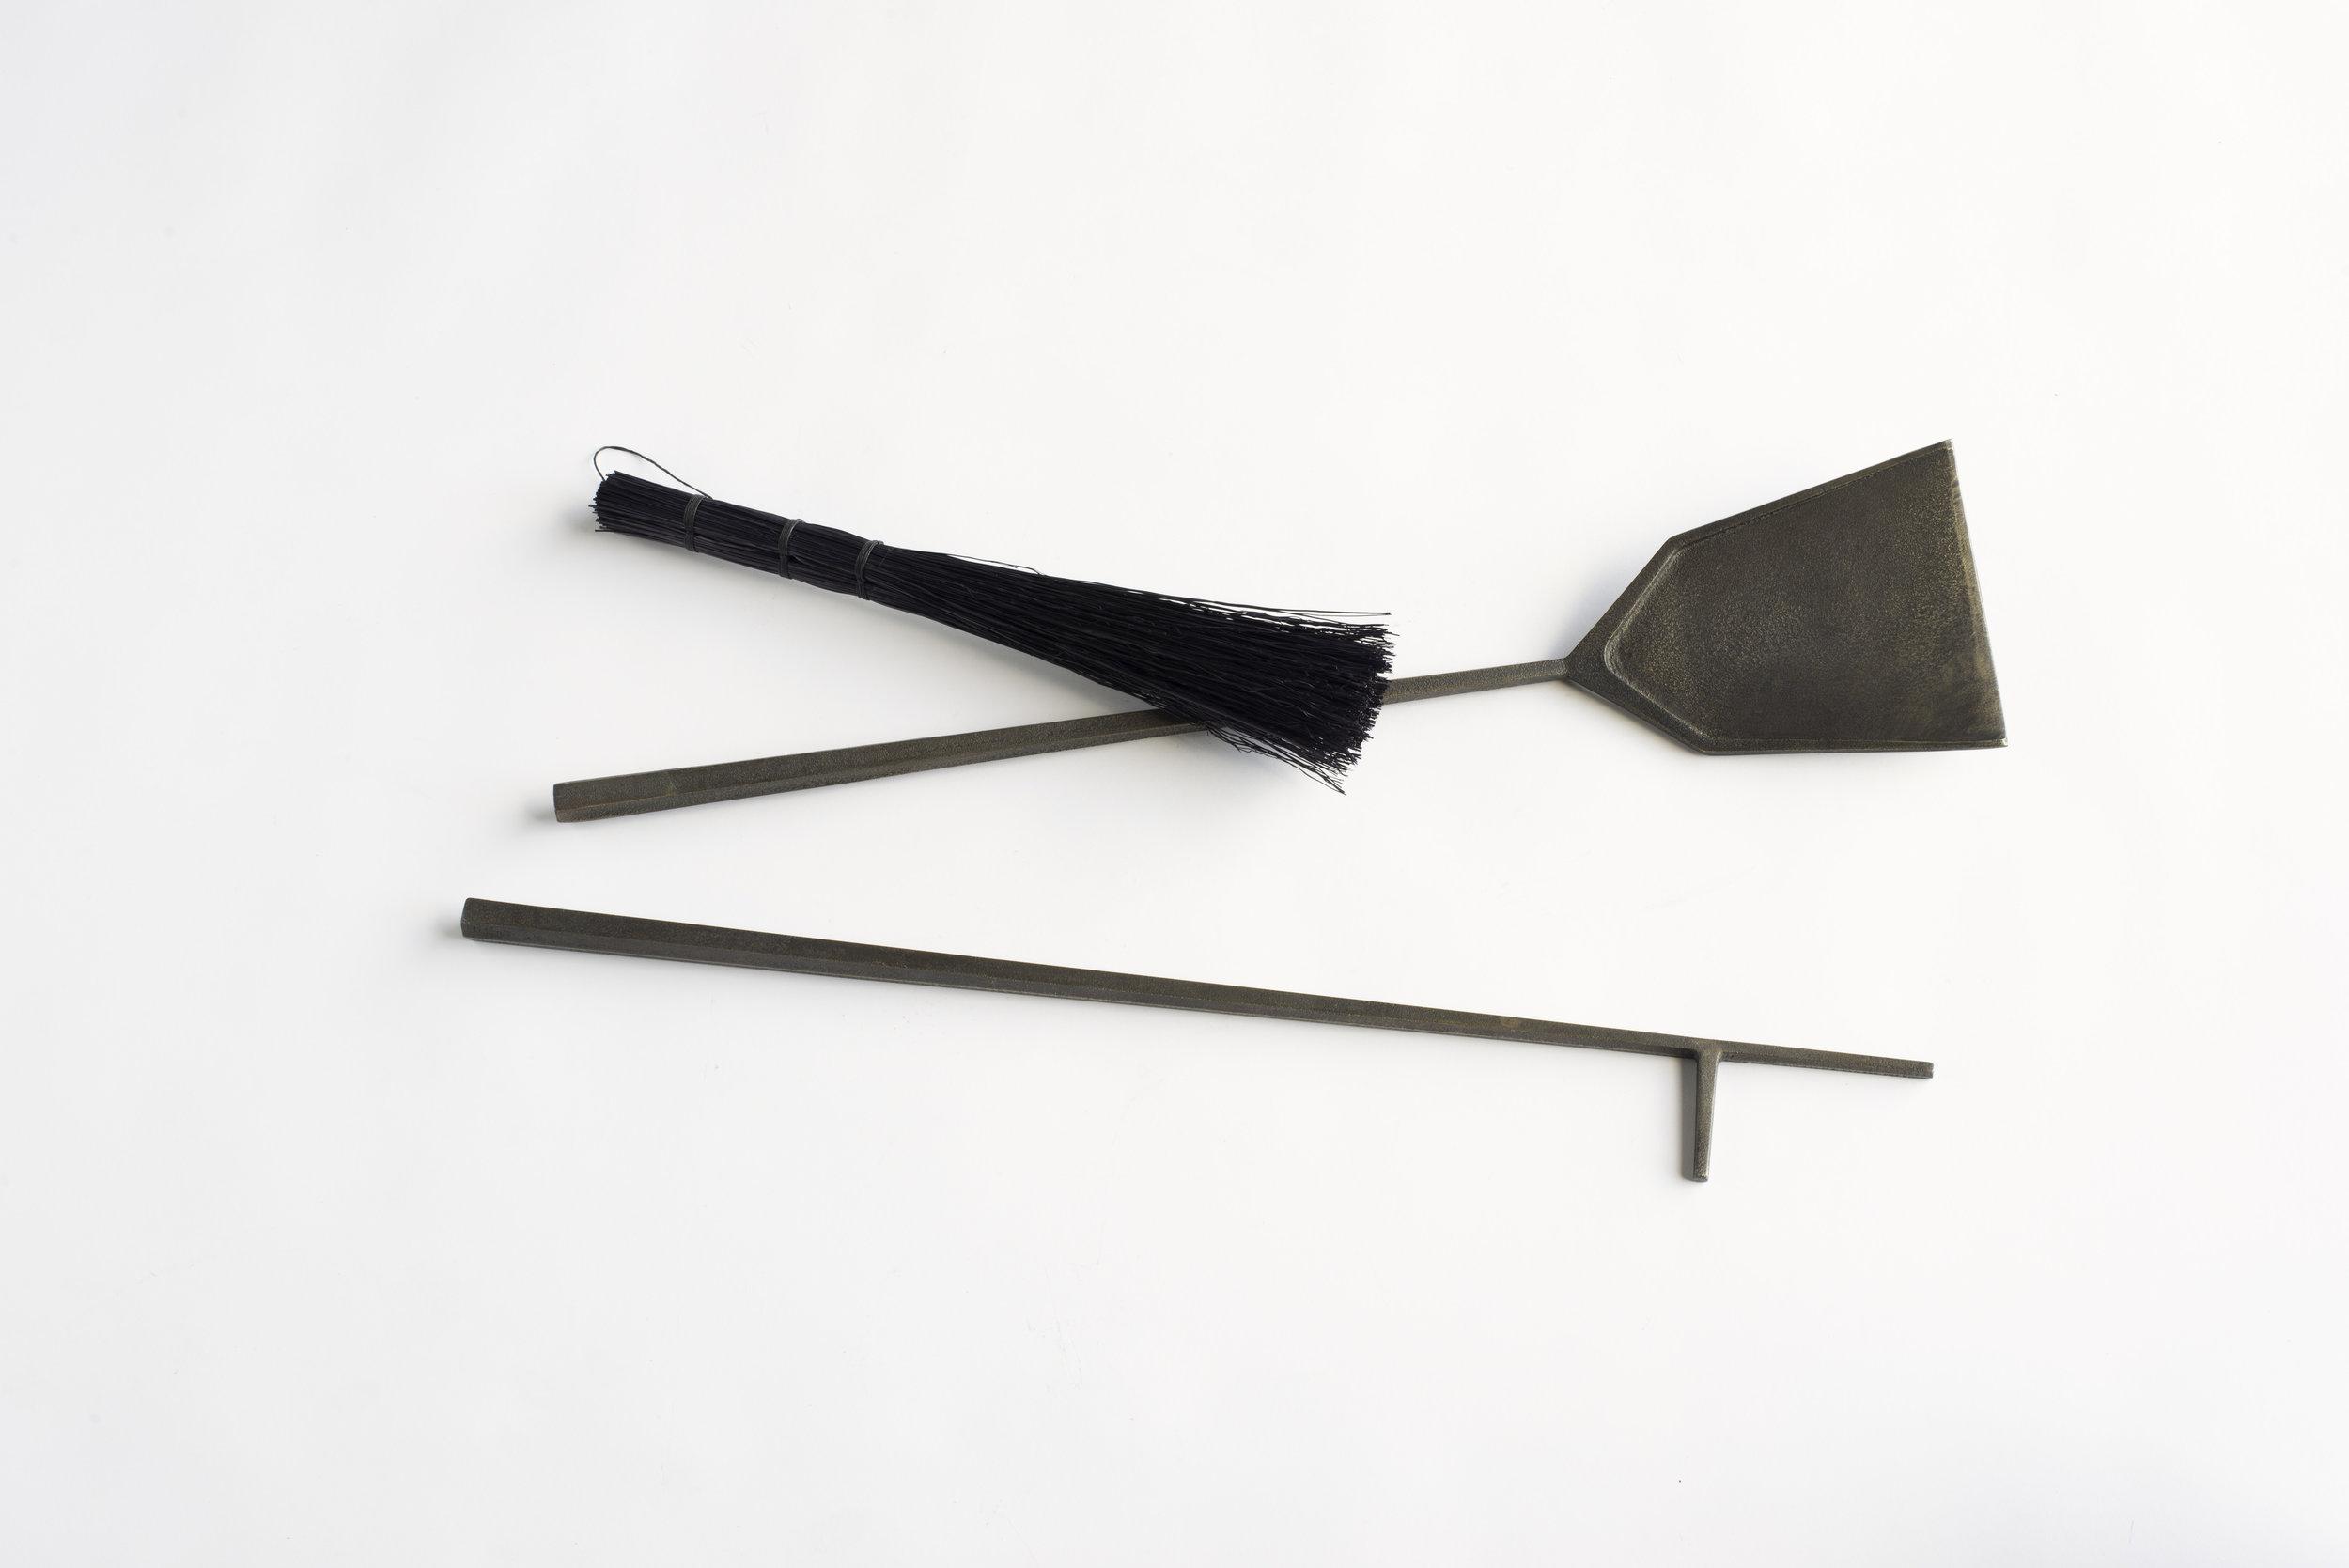 Hearth Tools